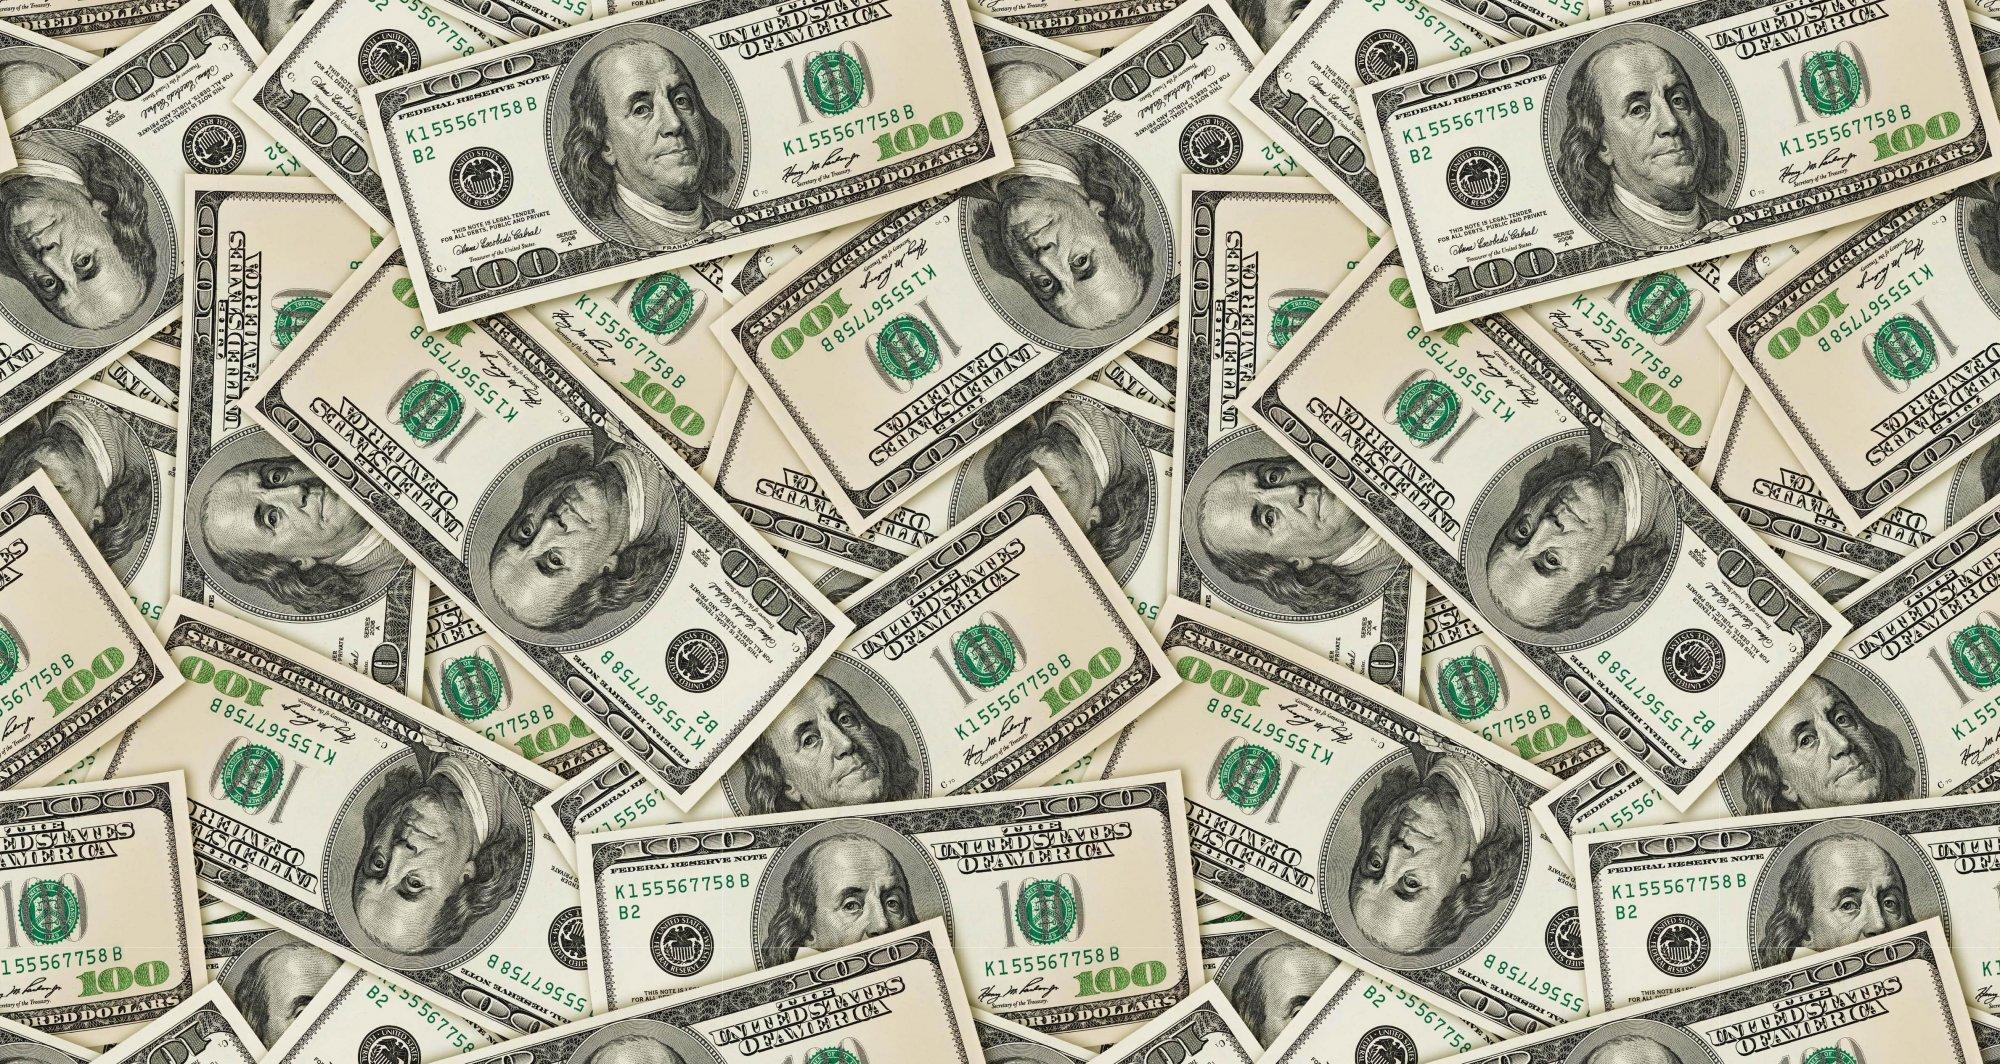 DT-Exclusive Digital Prints DX-2118-0C-1 Multi - $100 Hundred Dollar Bills